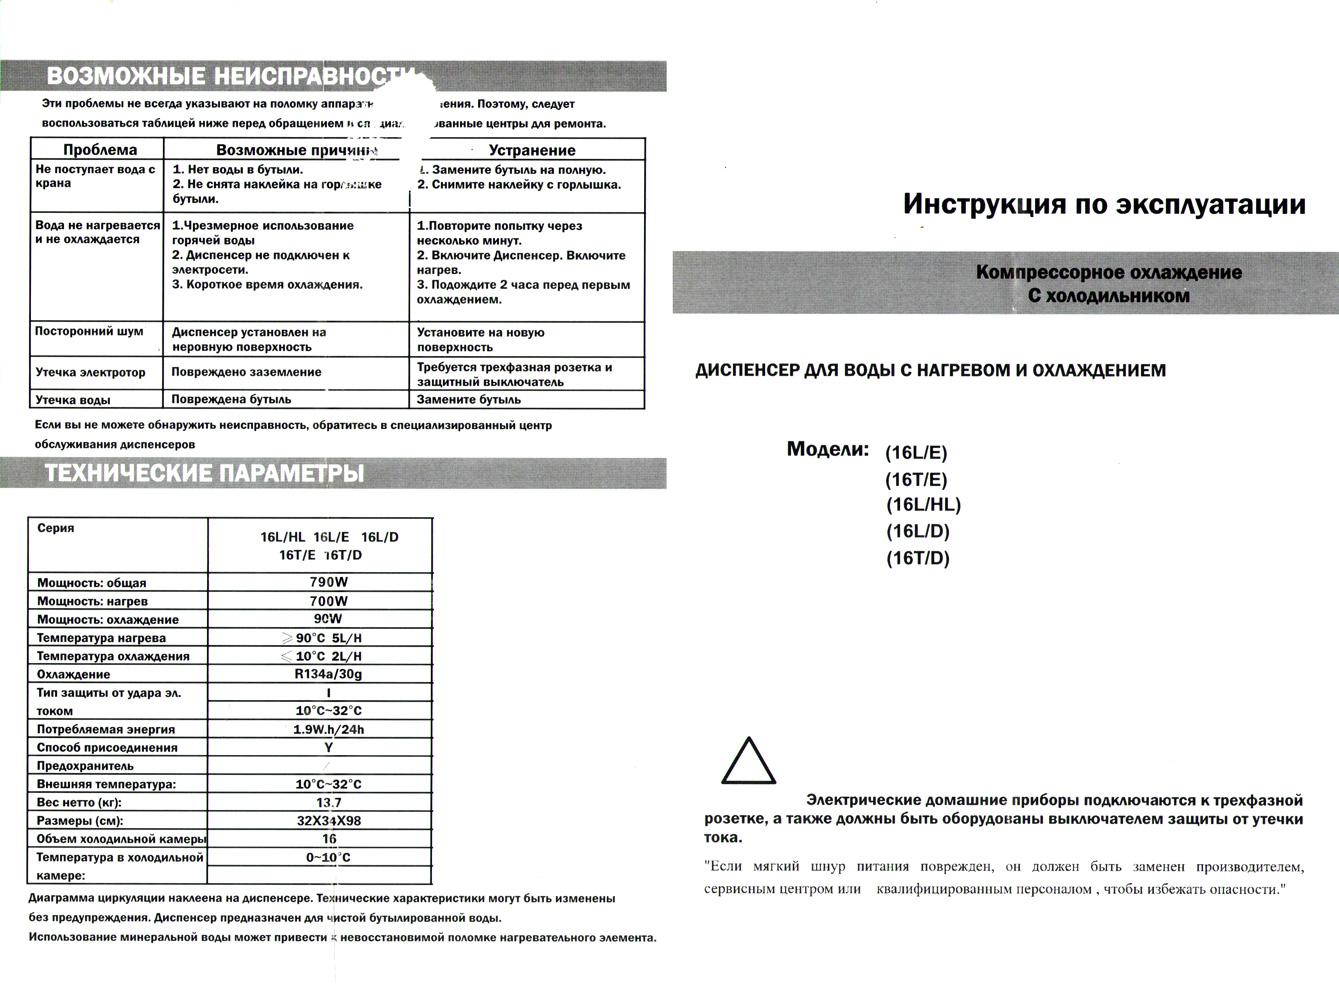 кулер Aqua Work 16-L/HLN паспорт